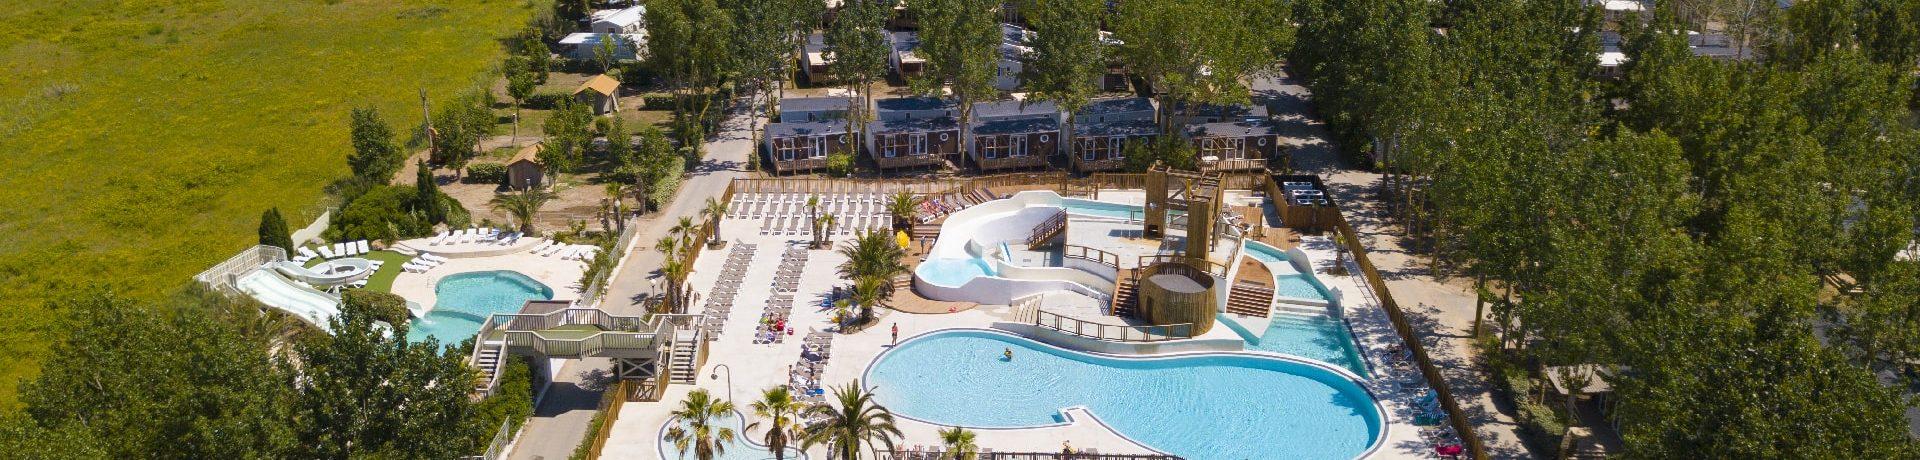 Camping Blue Bayou is een prachtige luxe camping met zwemparadijs gelegen in de Languedoc-Roussillon. Aan het strand gelegen, ideaal voor strandliefhebbers.